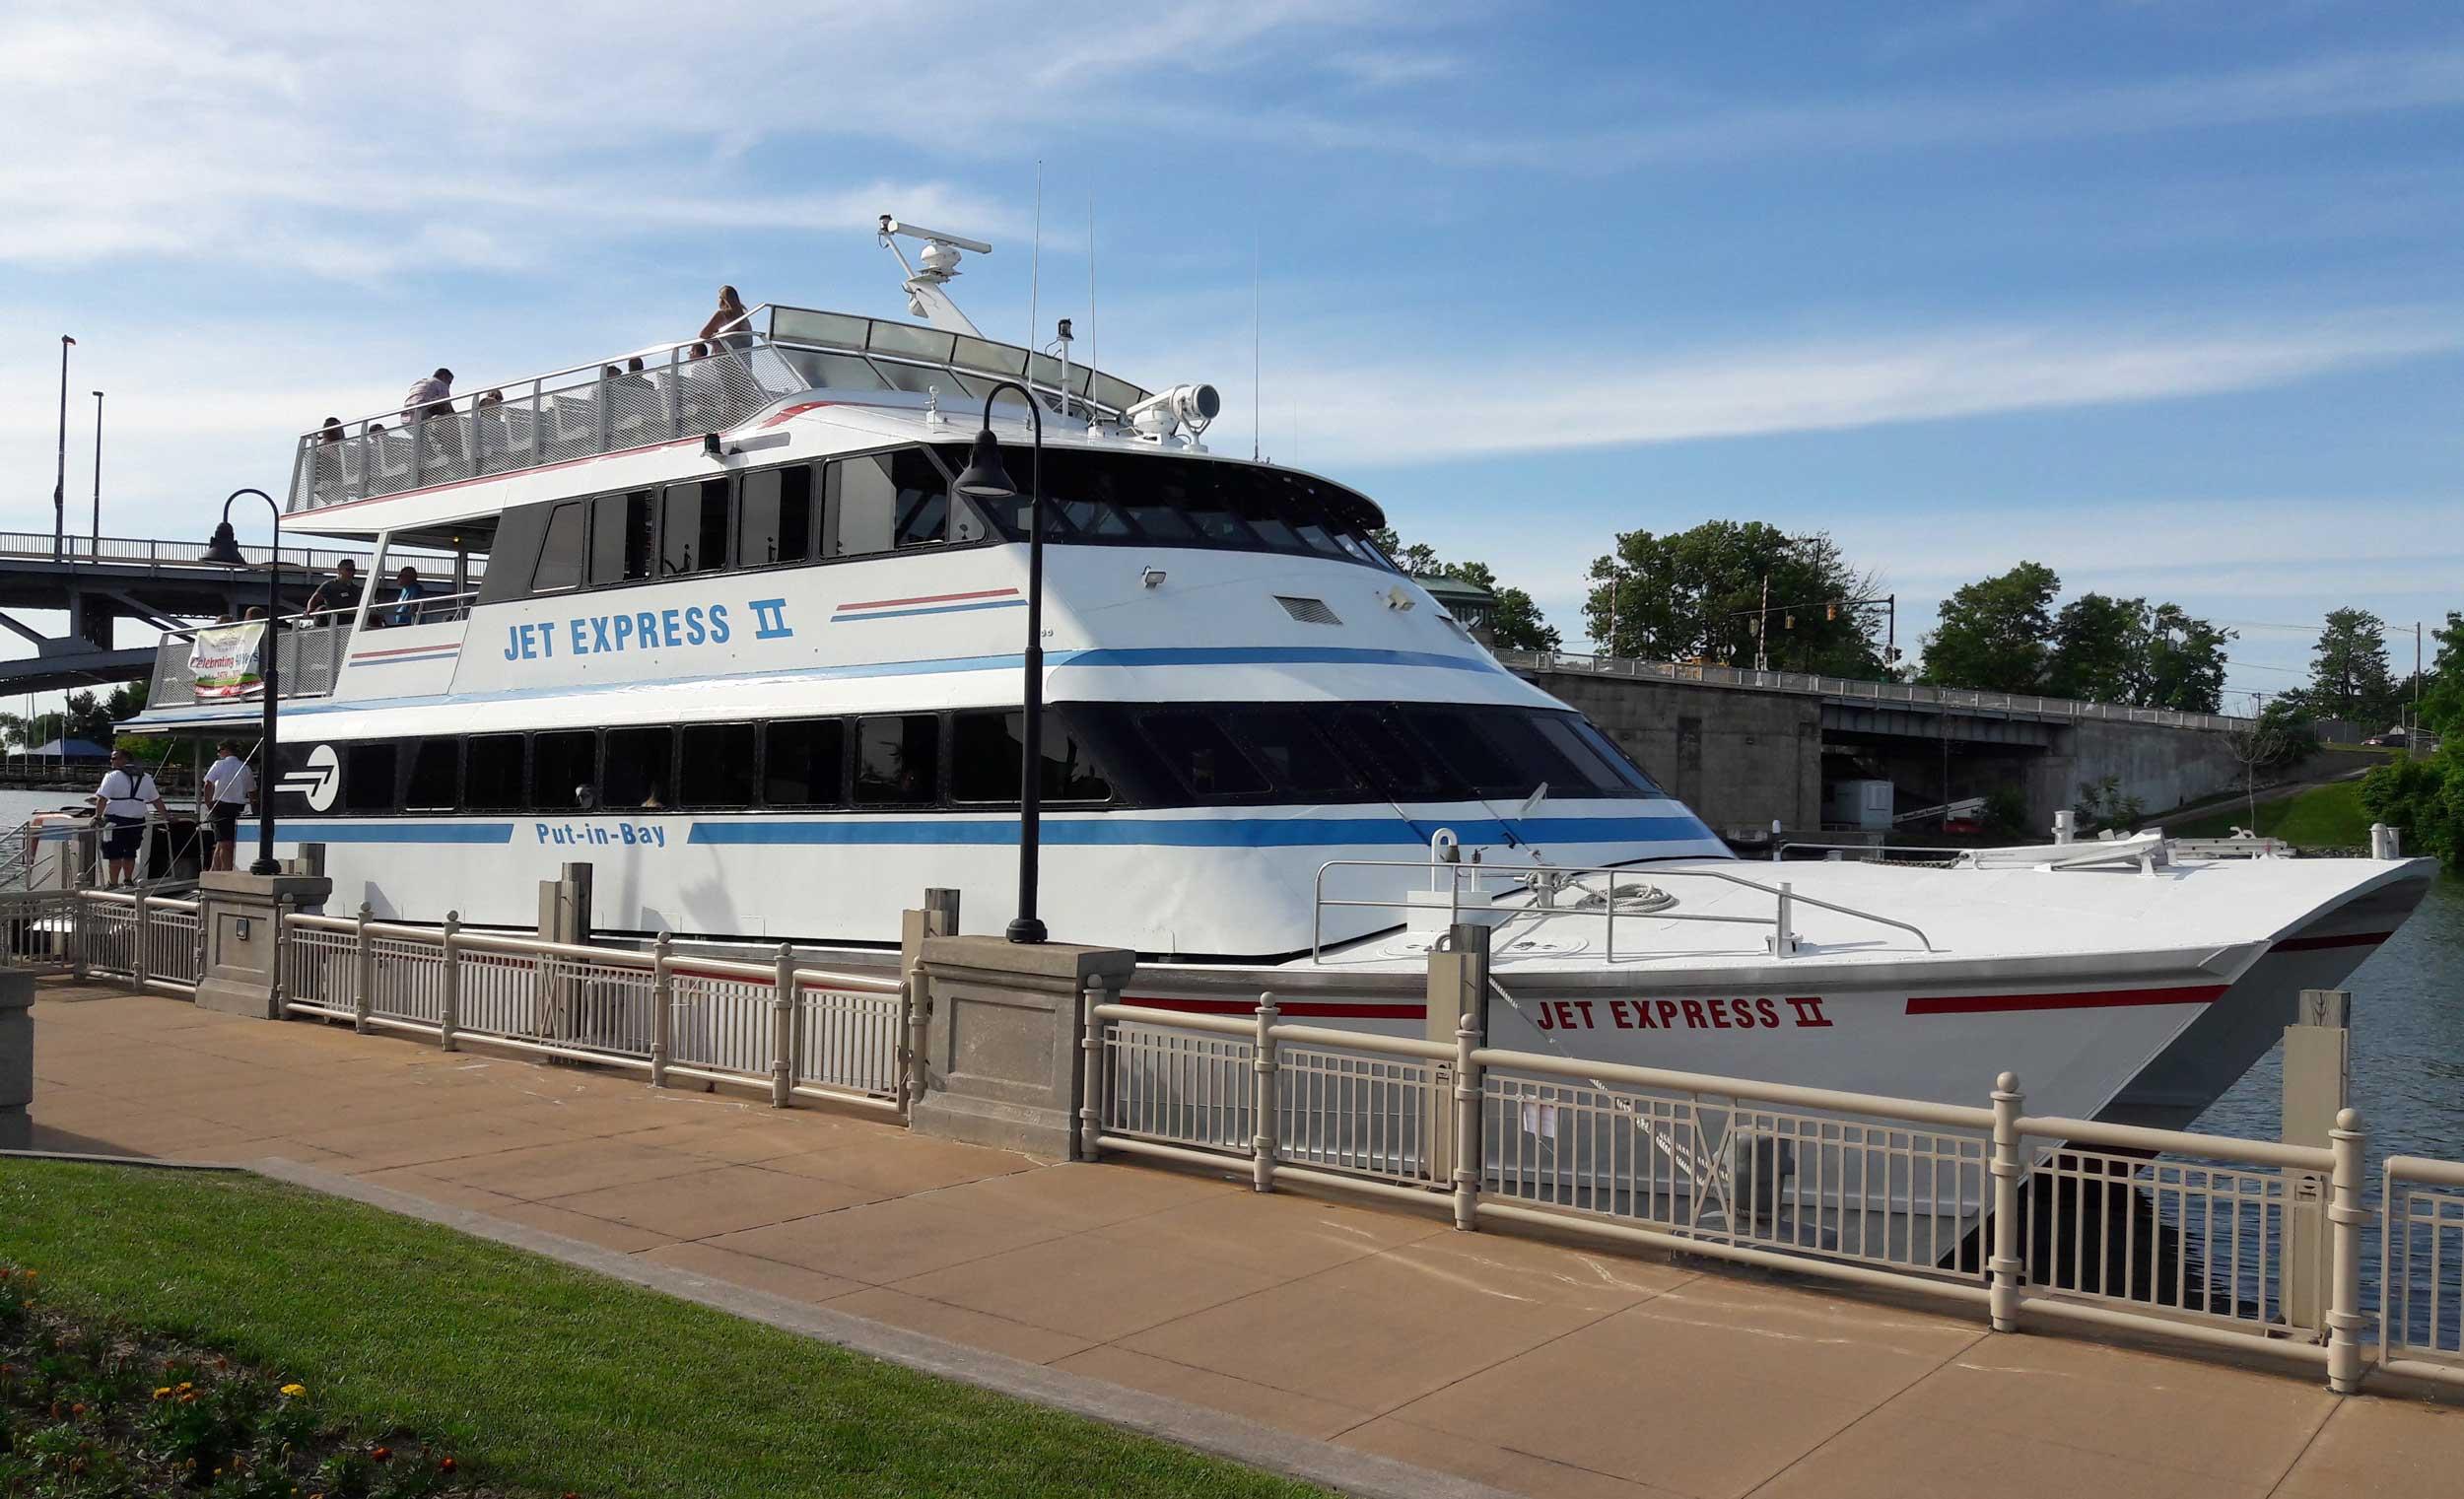 BrewFest Cruise